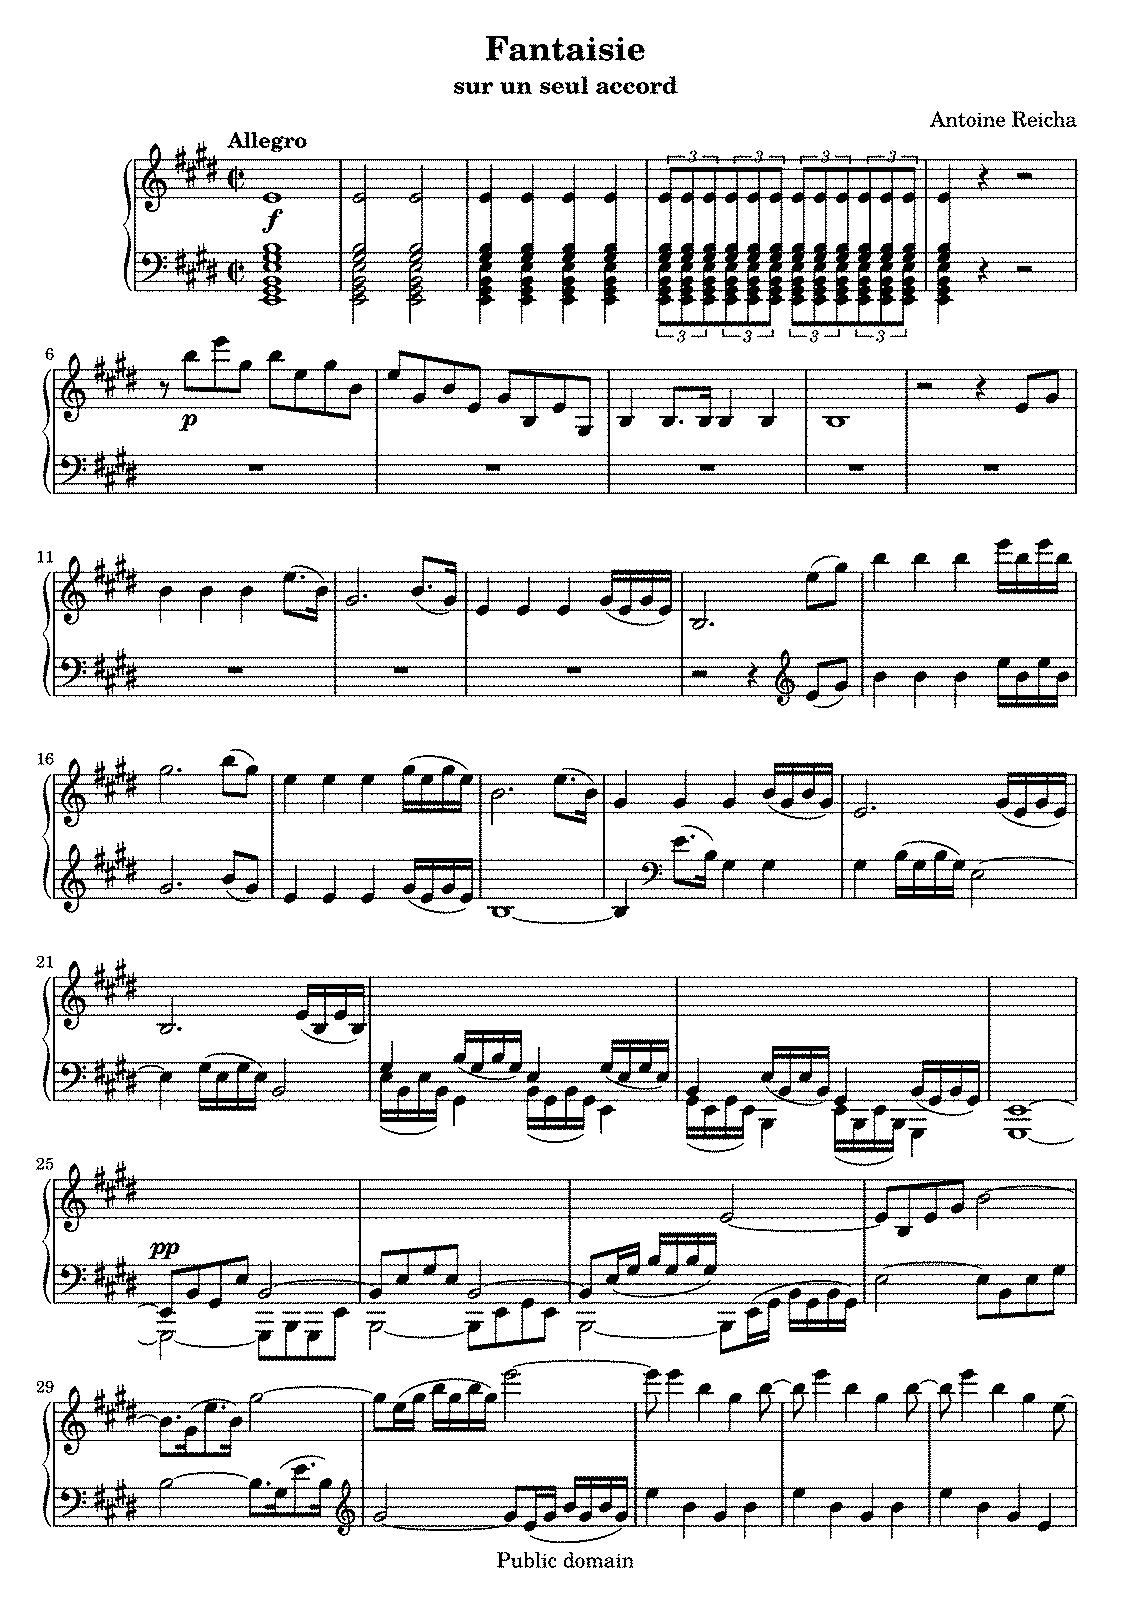 Practische Beispiele (Reicha, Anton) - IMSLP/Petrucci Music Library ...